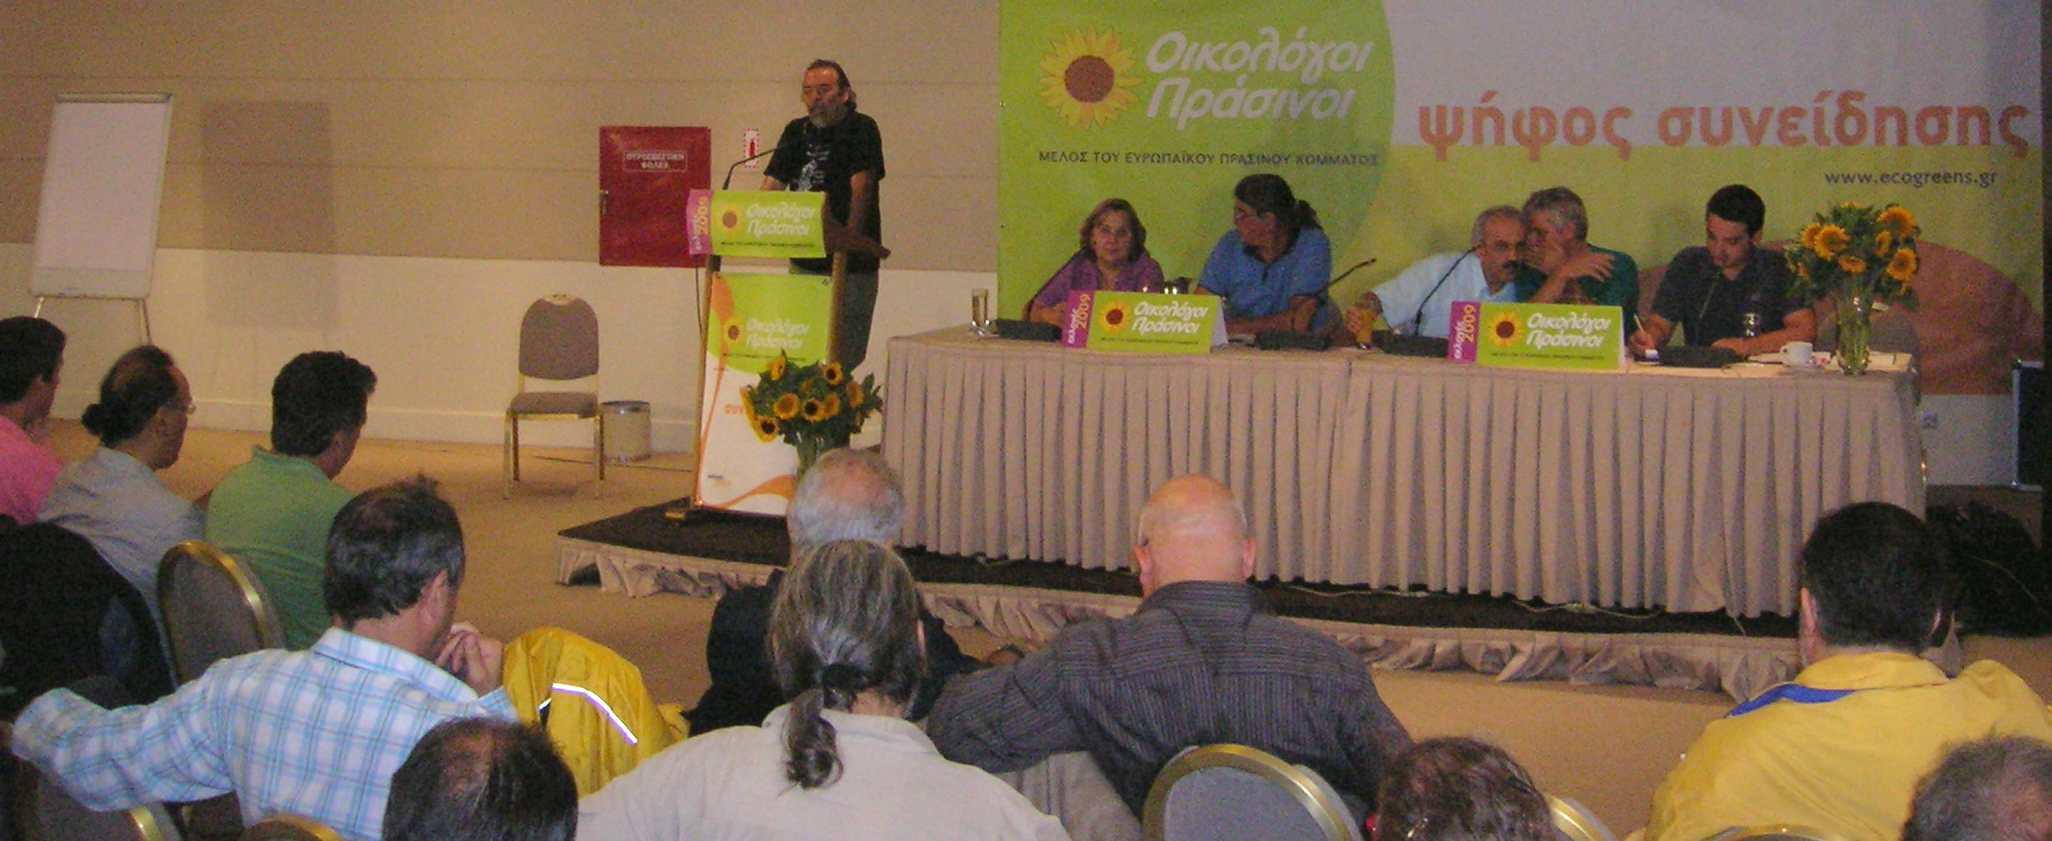 Ektakto 2009-09-12ii